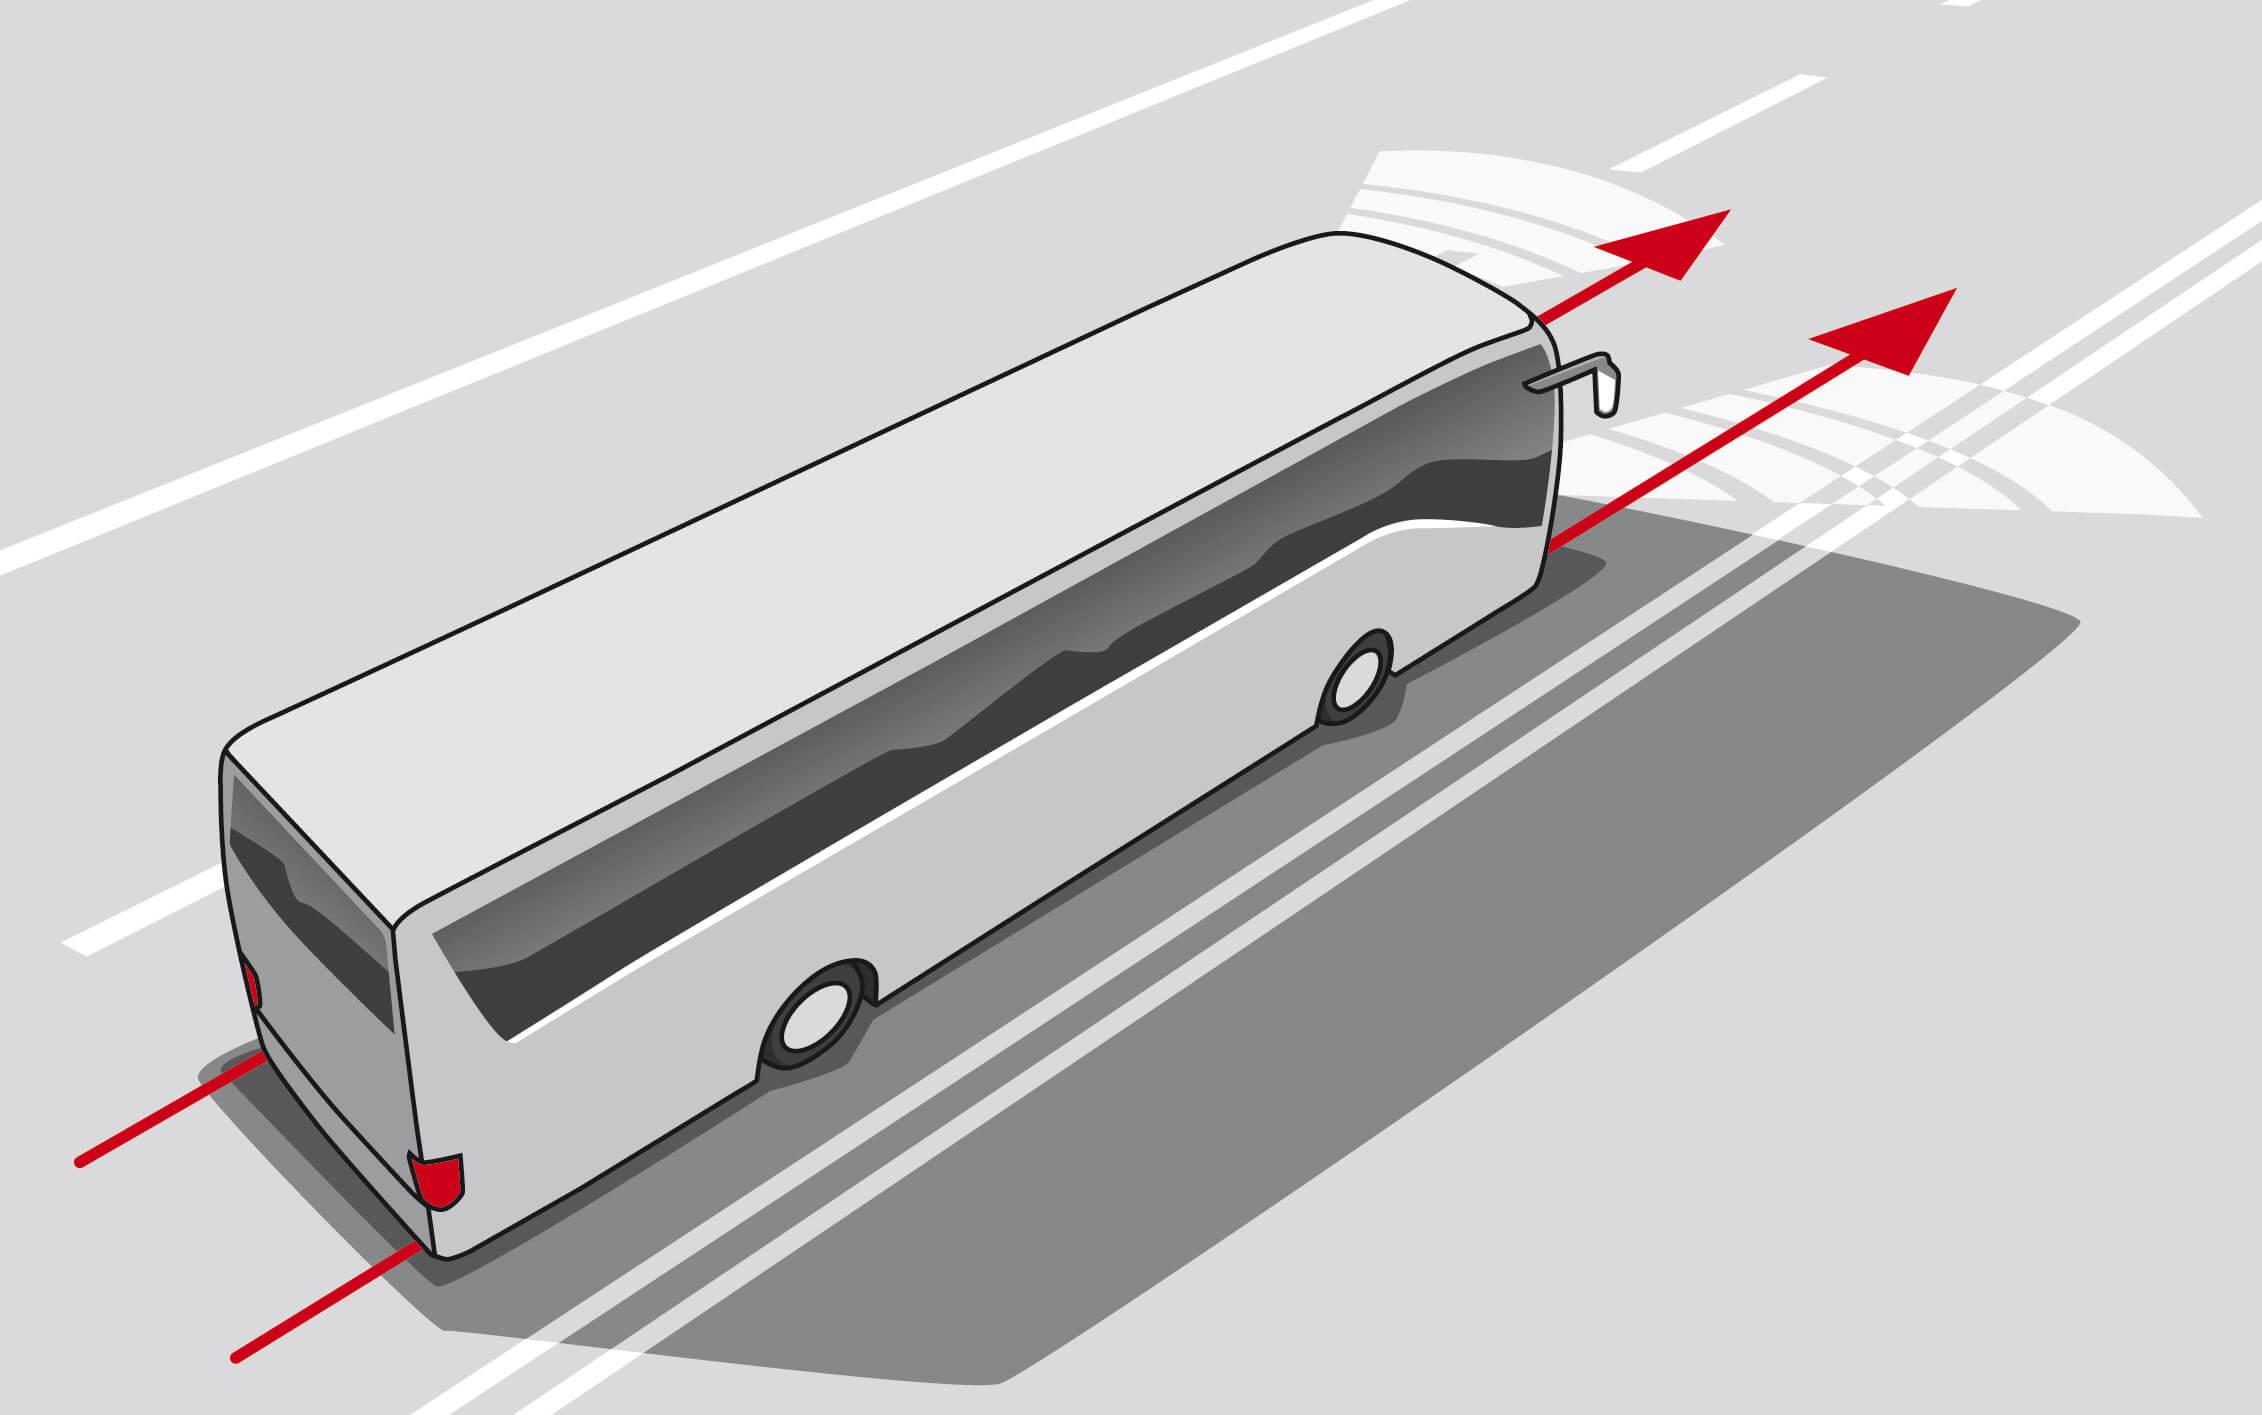 Spurassitent - misst permanent den Abstand zu den seitlichen Fahrbahnmarkierungen. Kommt das Fahrzeug den Spuren zu nahe wird der Fahrer durch Vibrationen im Sitz gewarnt.